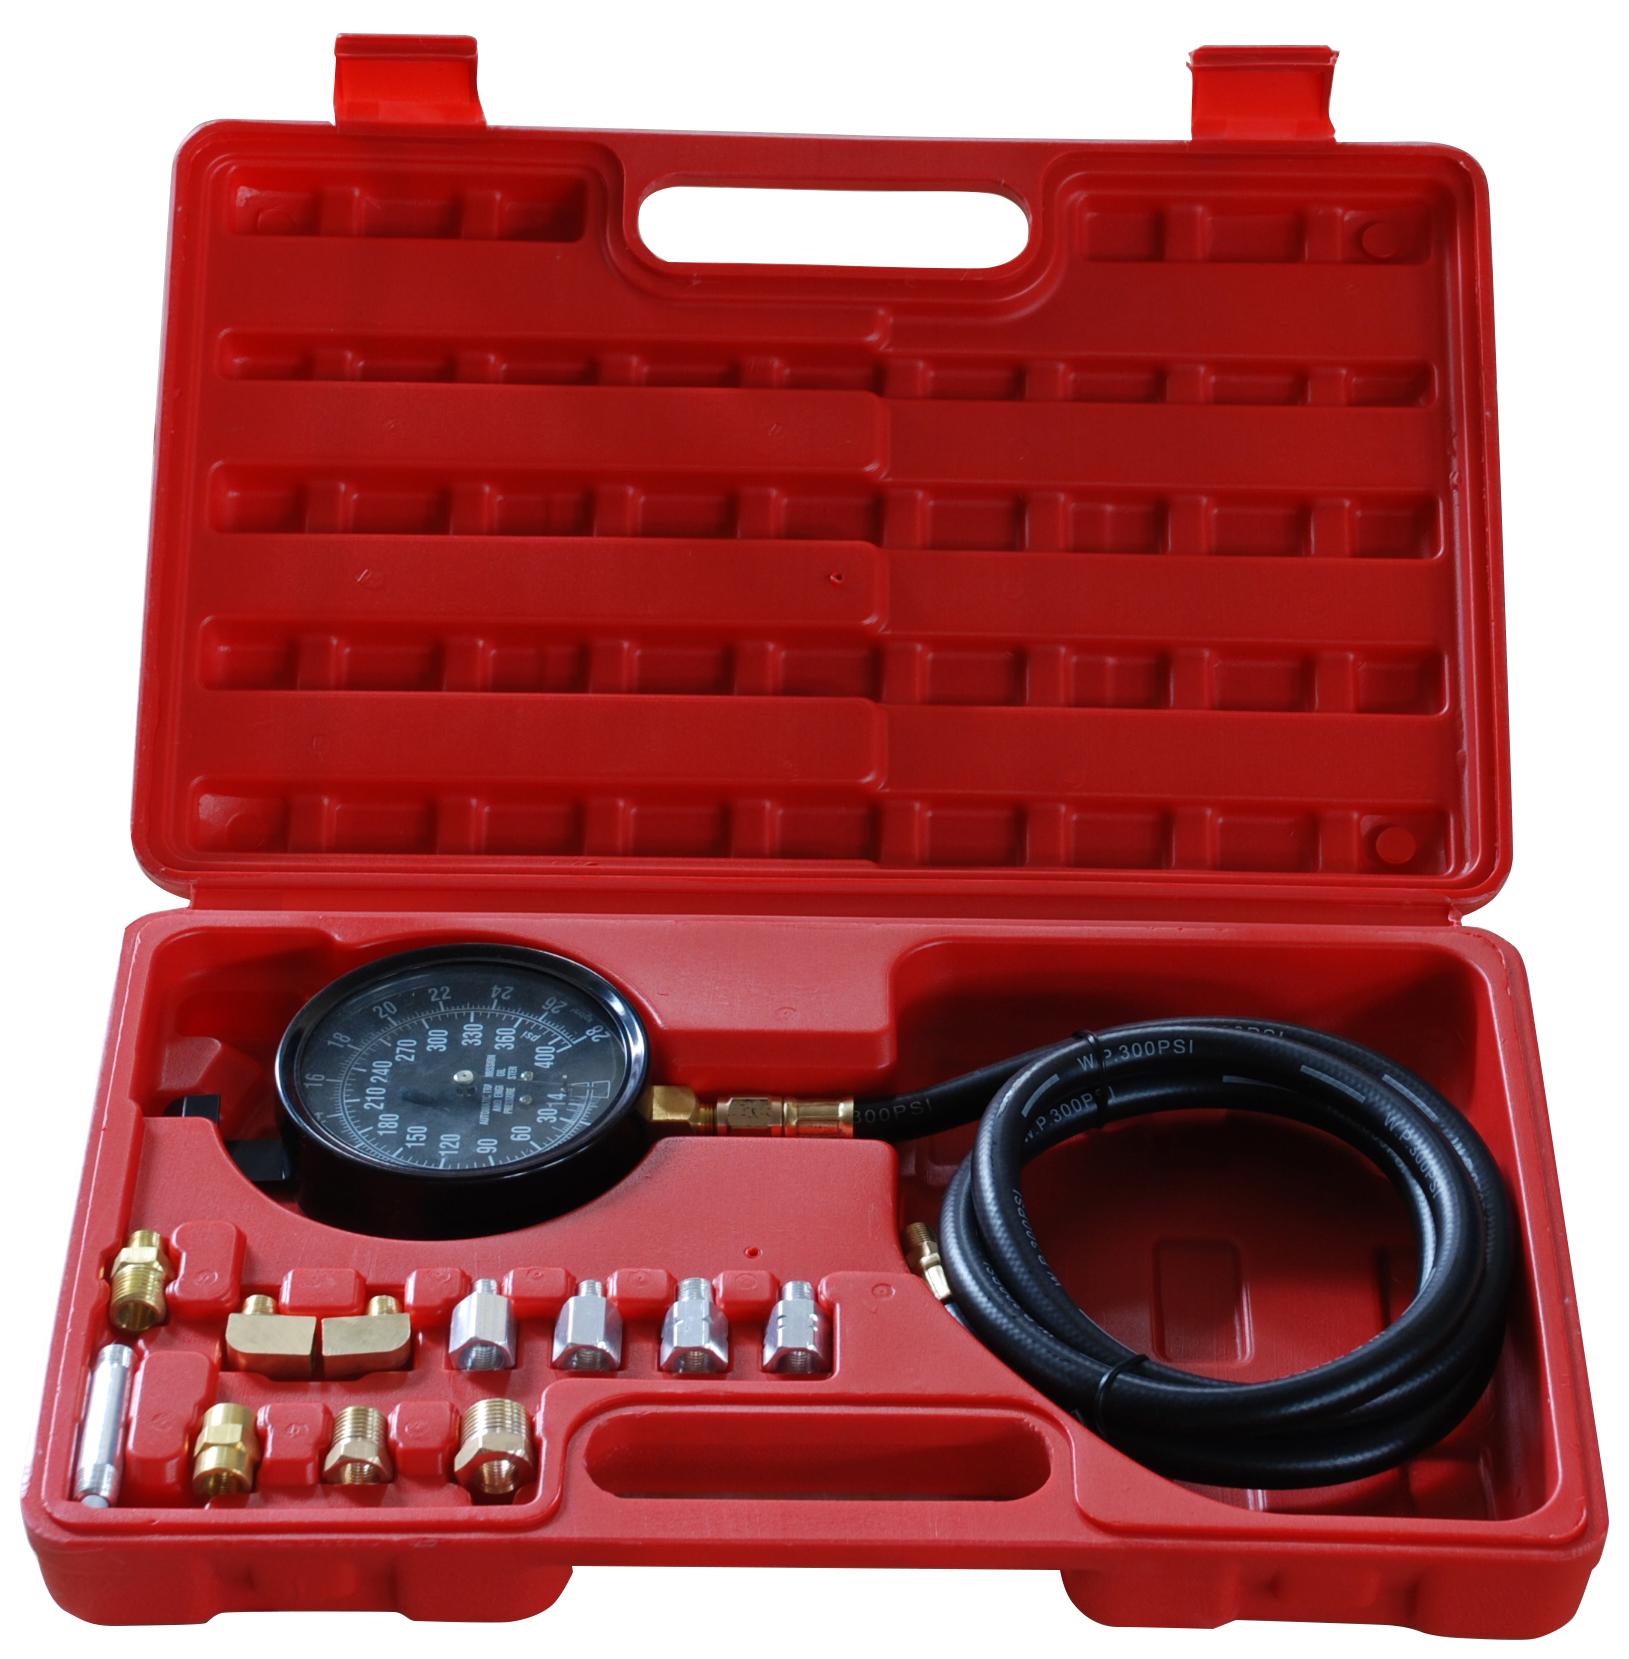 Прибор для измерения давления масла (с набором переходников), 0-35Атм MHR-A1014 AE&T